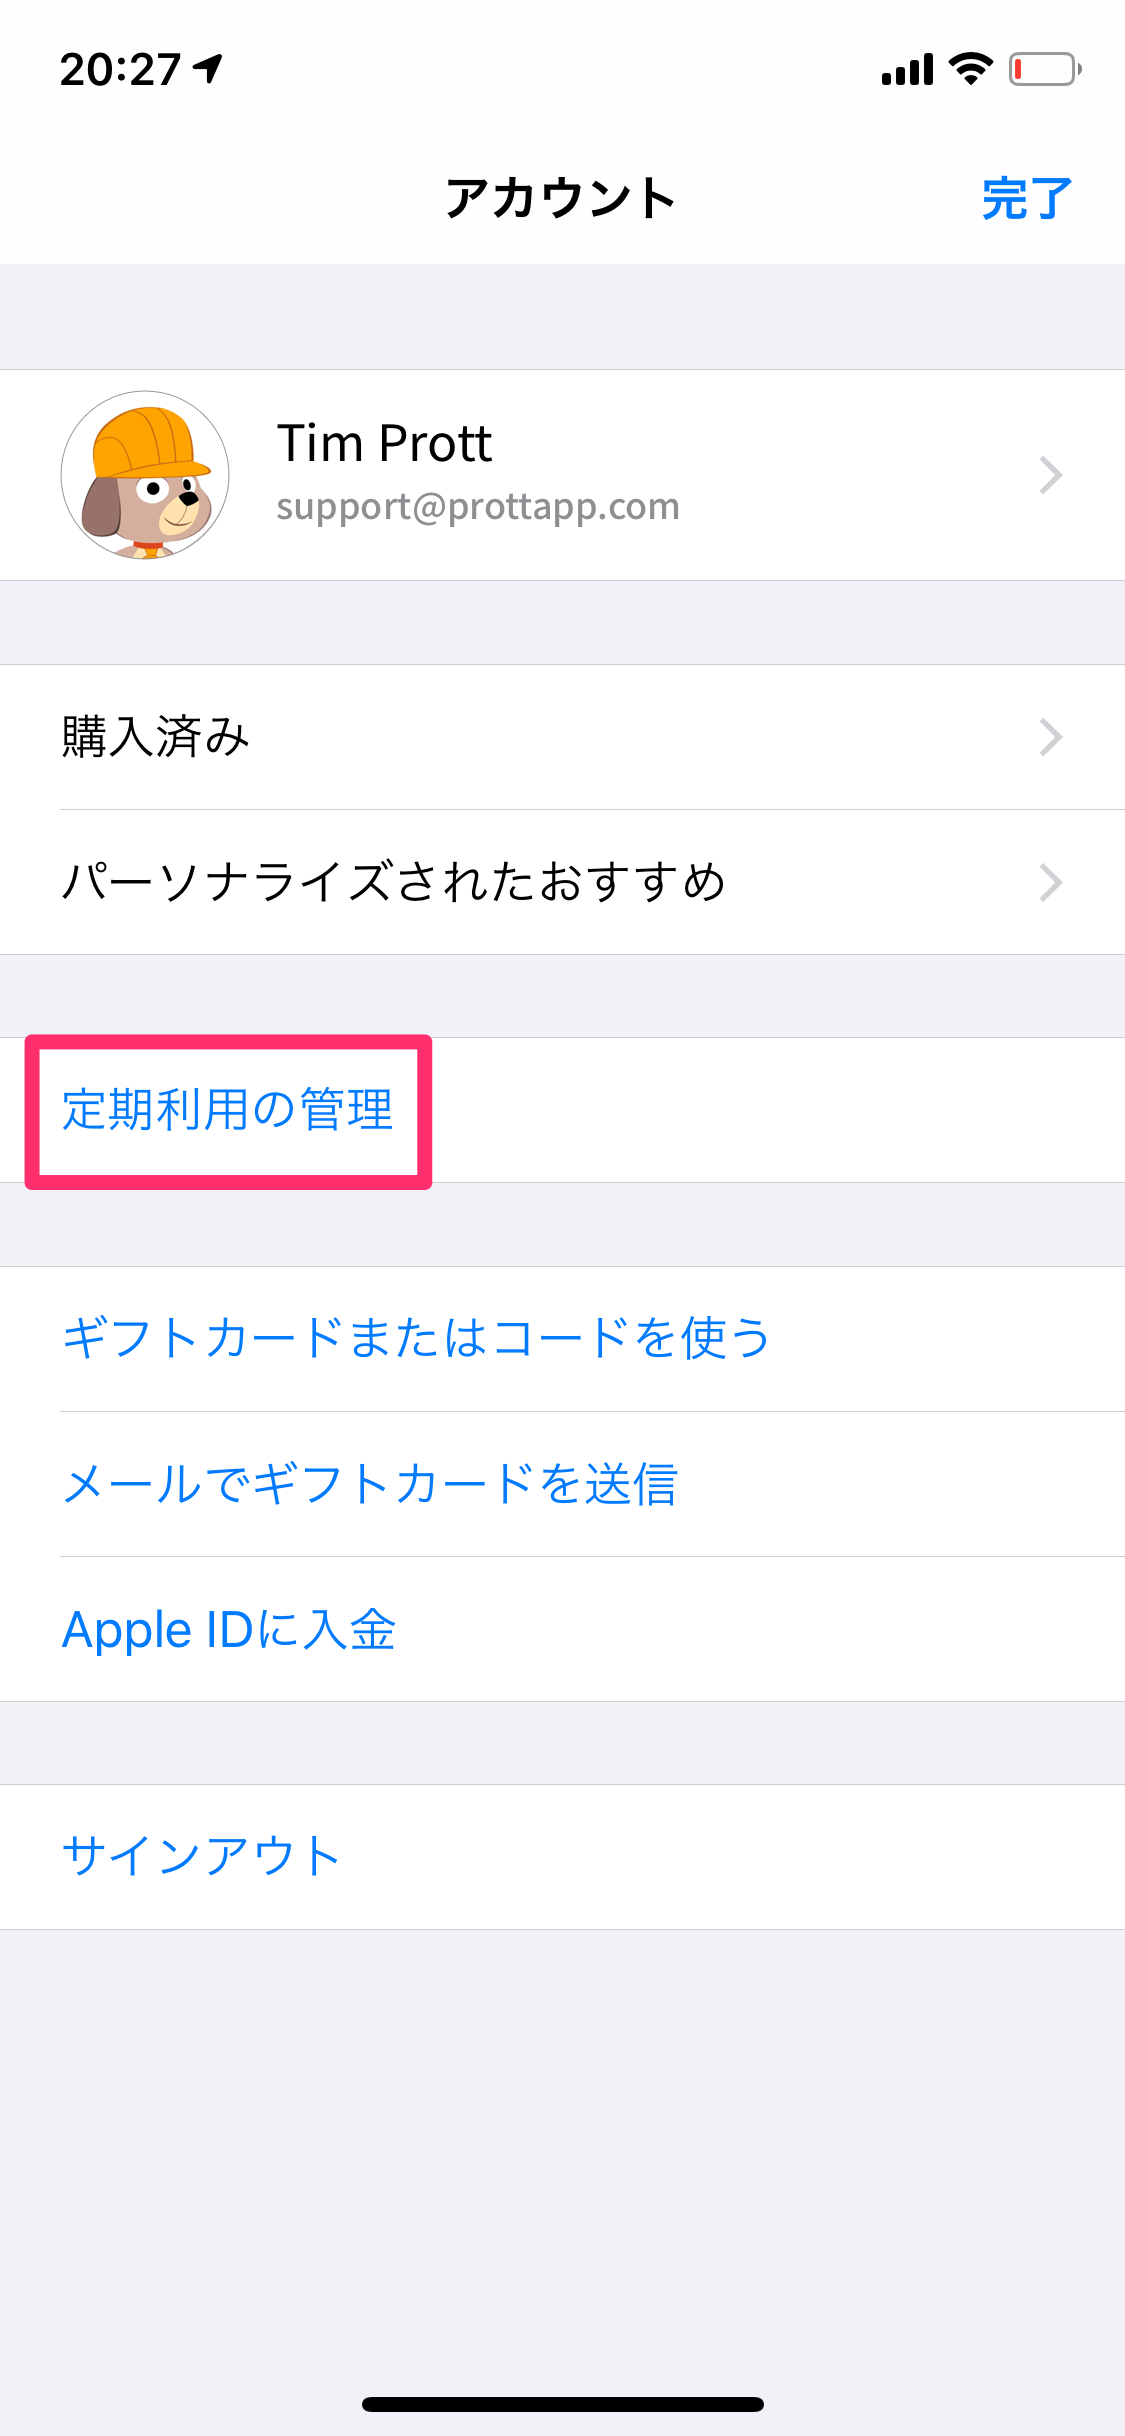 アプリ内課金を解約する(自動更新購読をオフにする)【iOS】 - Prott